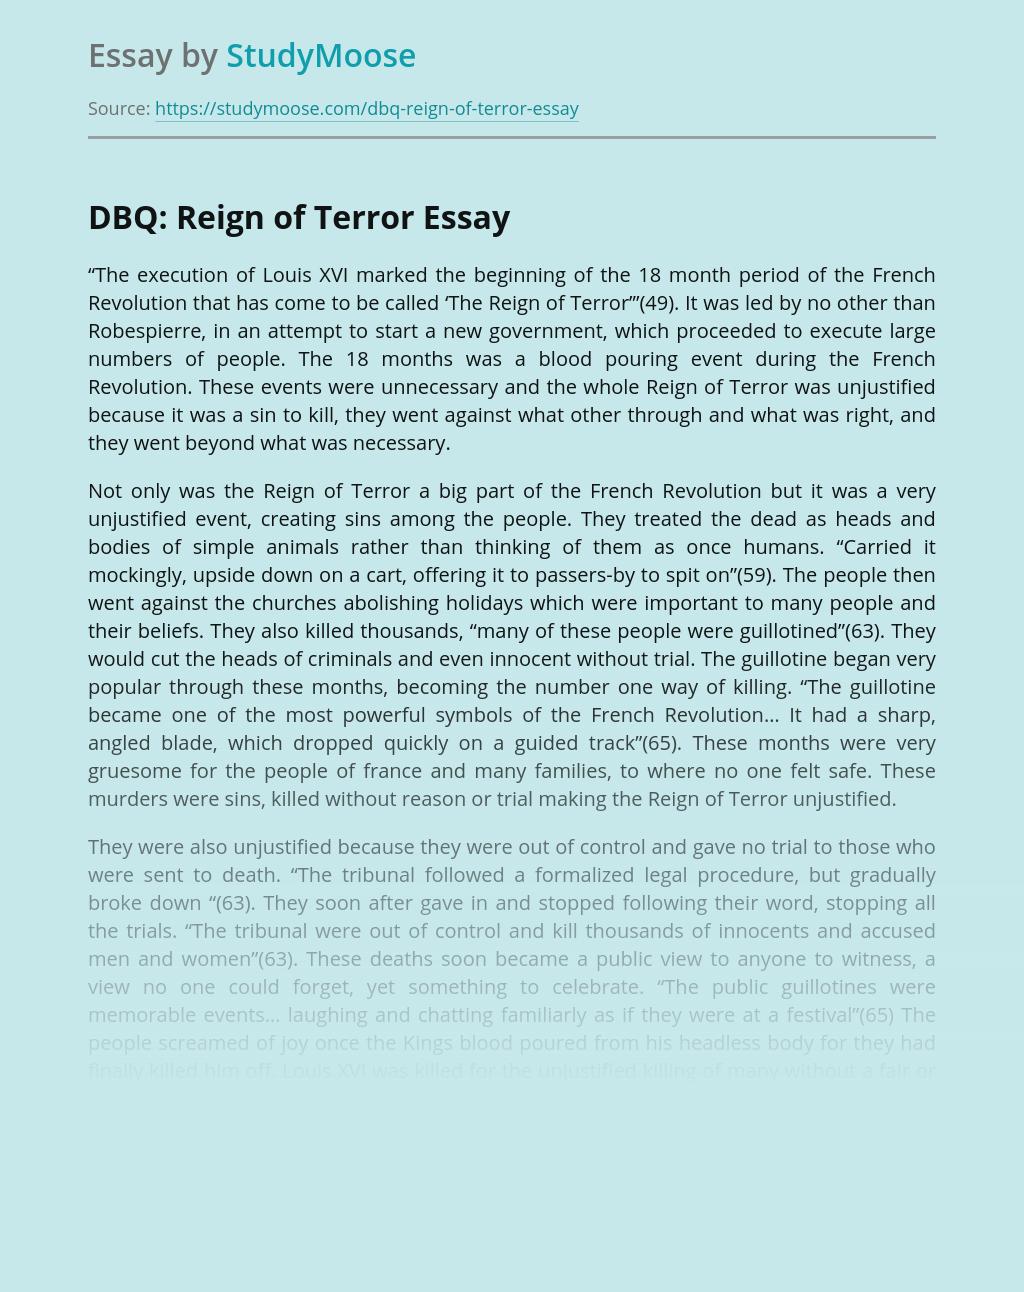 DBQ: Reign of Terror